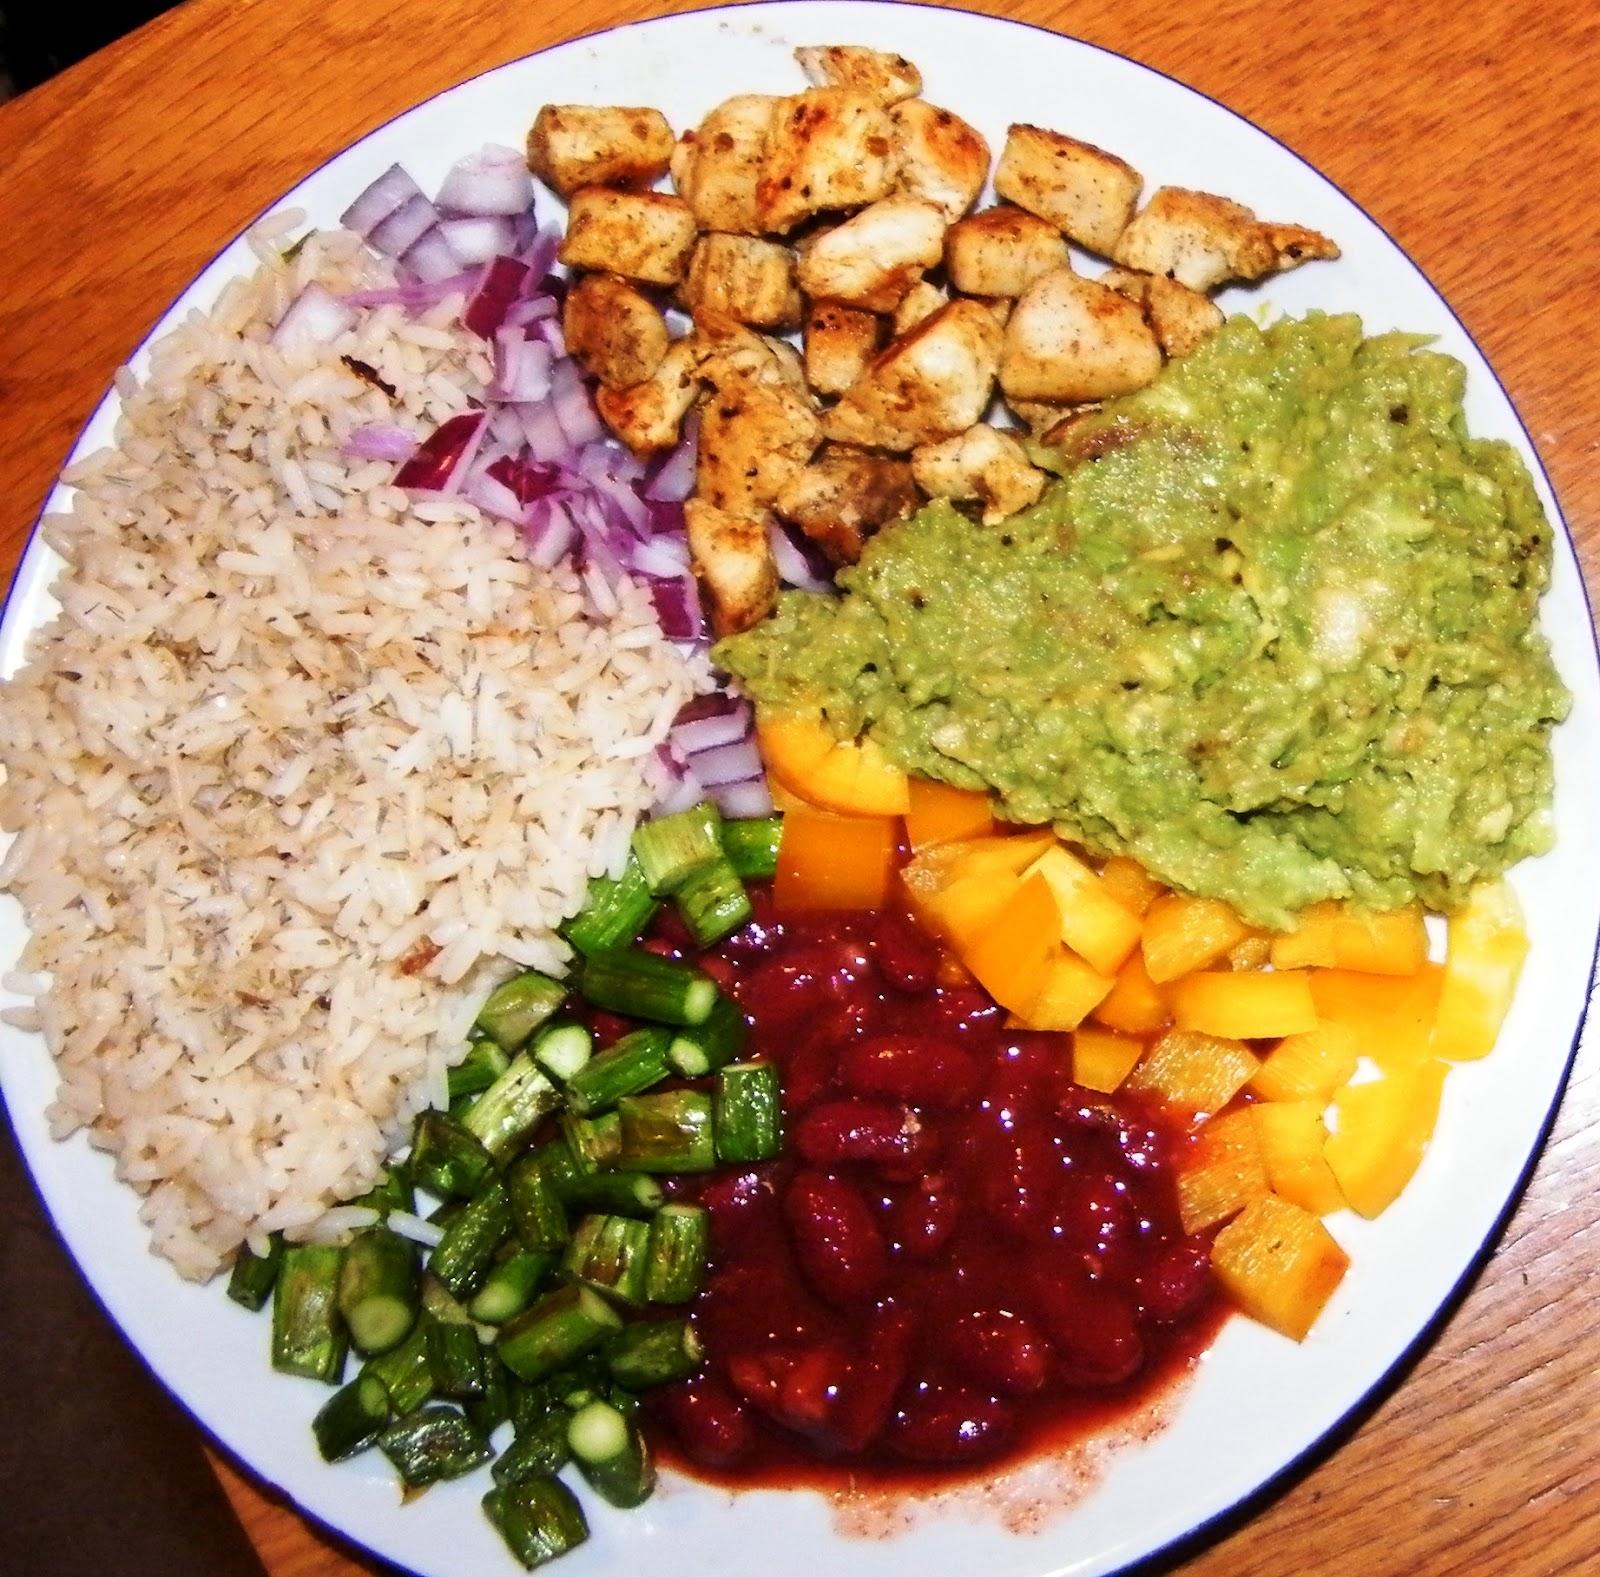 Comer rico y sano plato variado ranchero - Platos sencillos y sanos ...